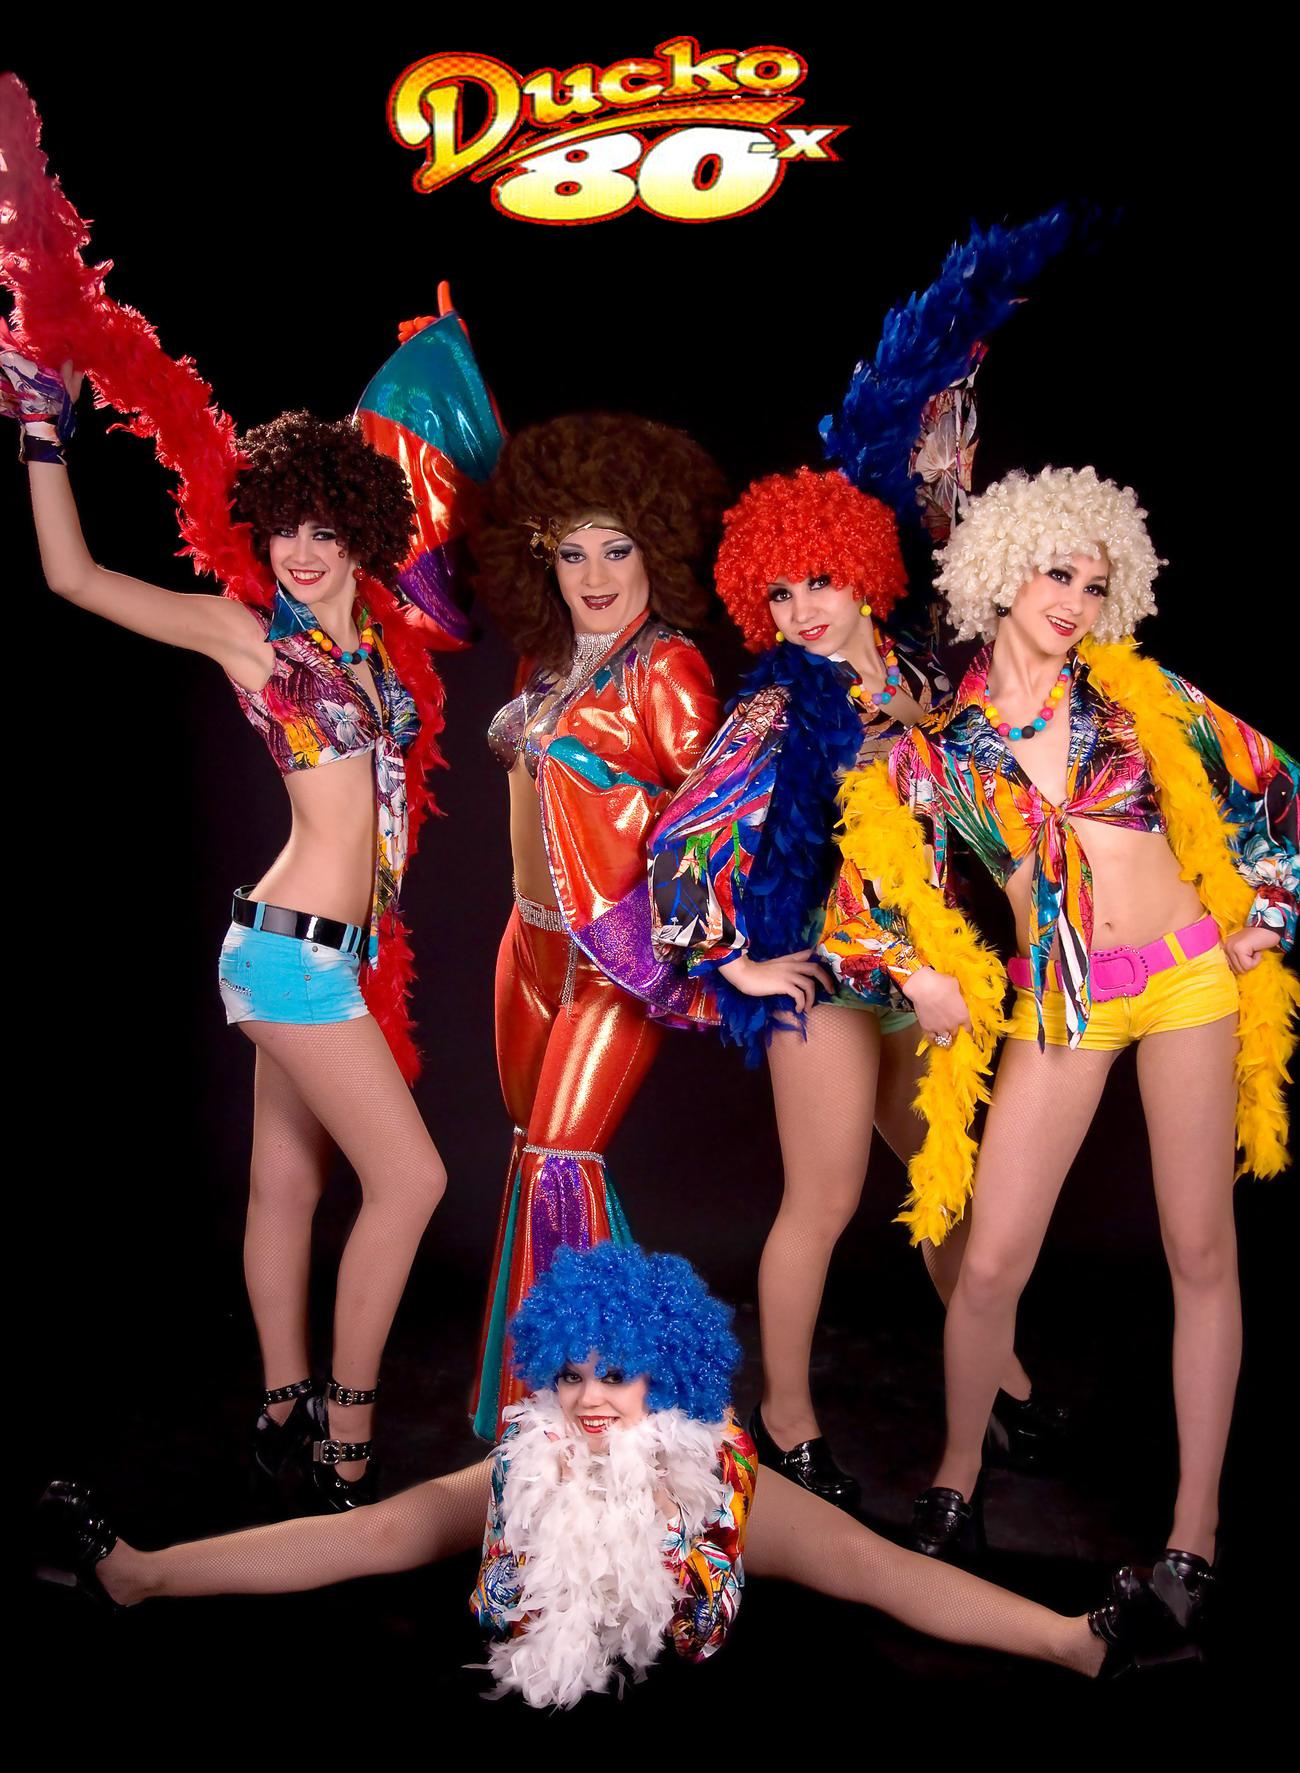 Мода 90-х фото для дискотеки